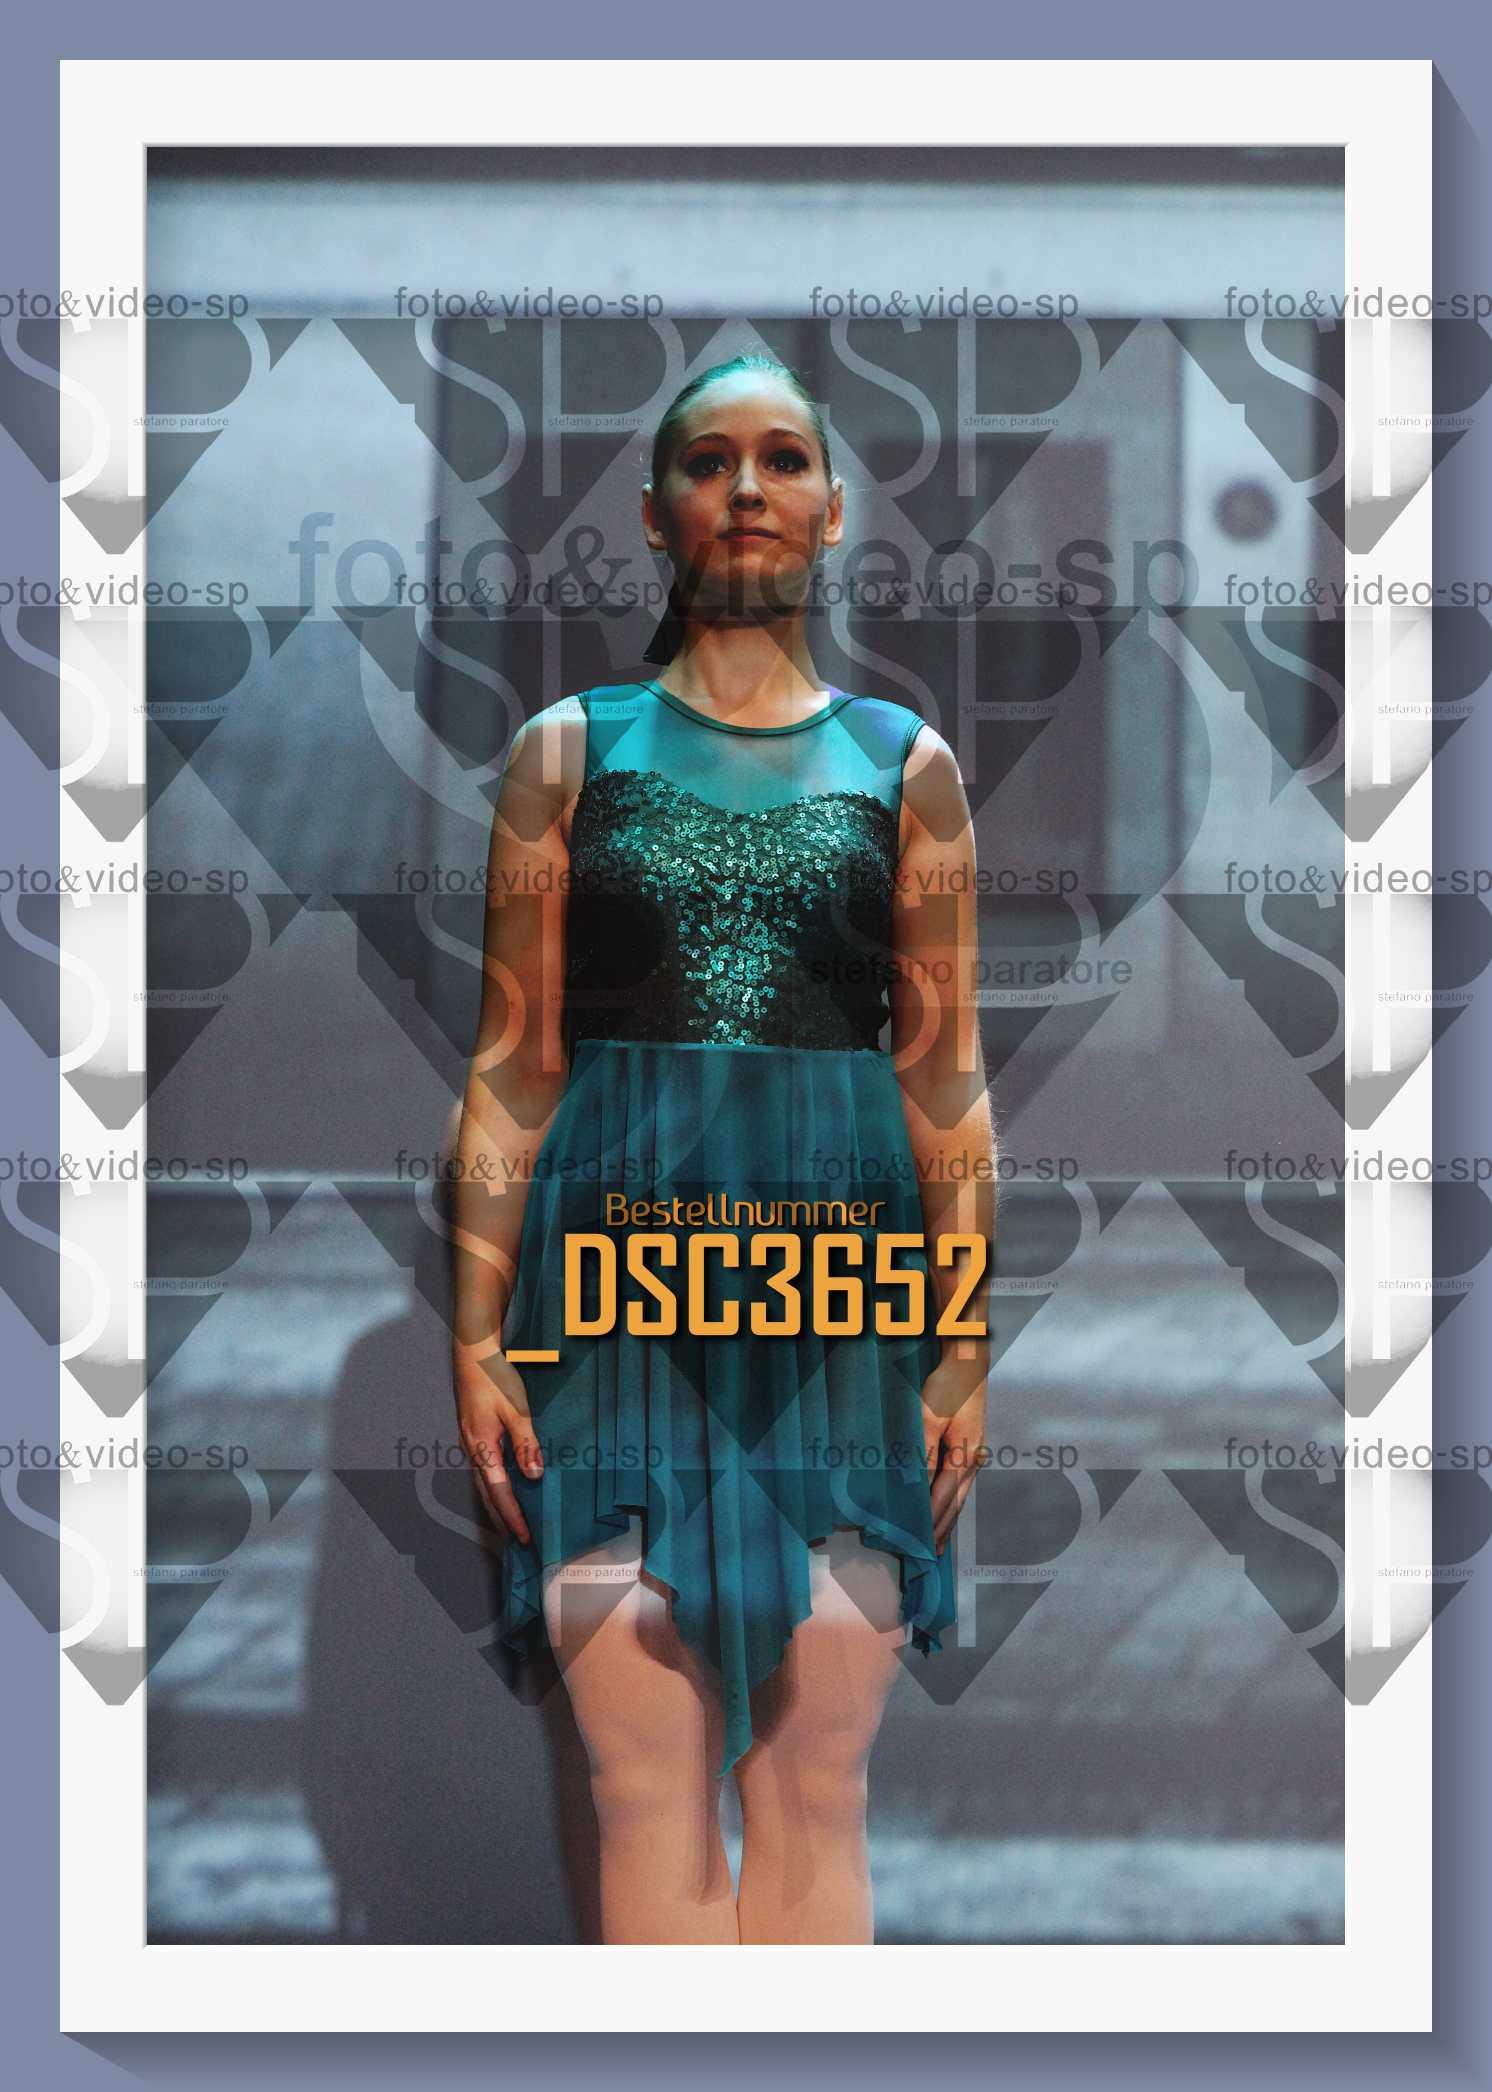 DSC3652